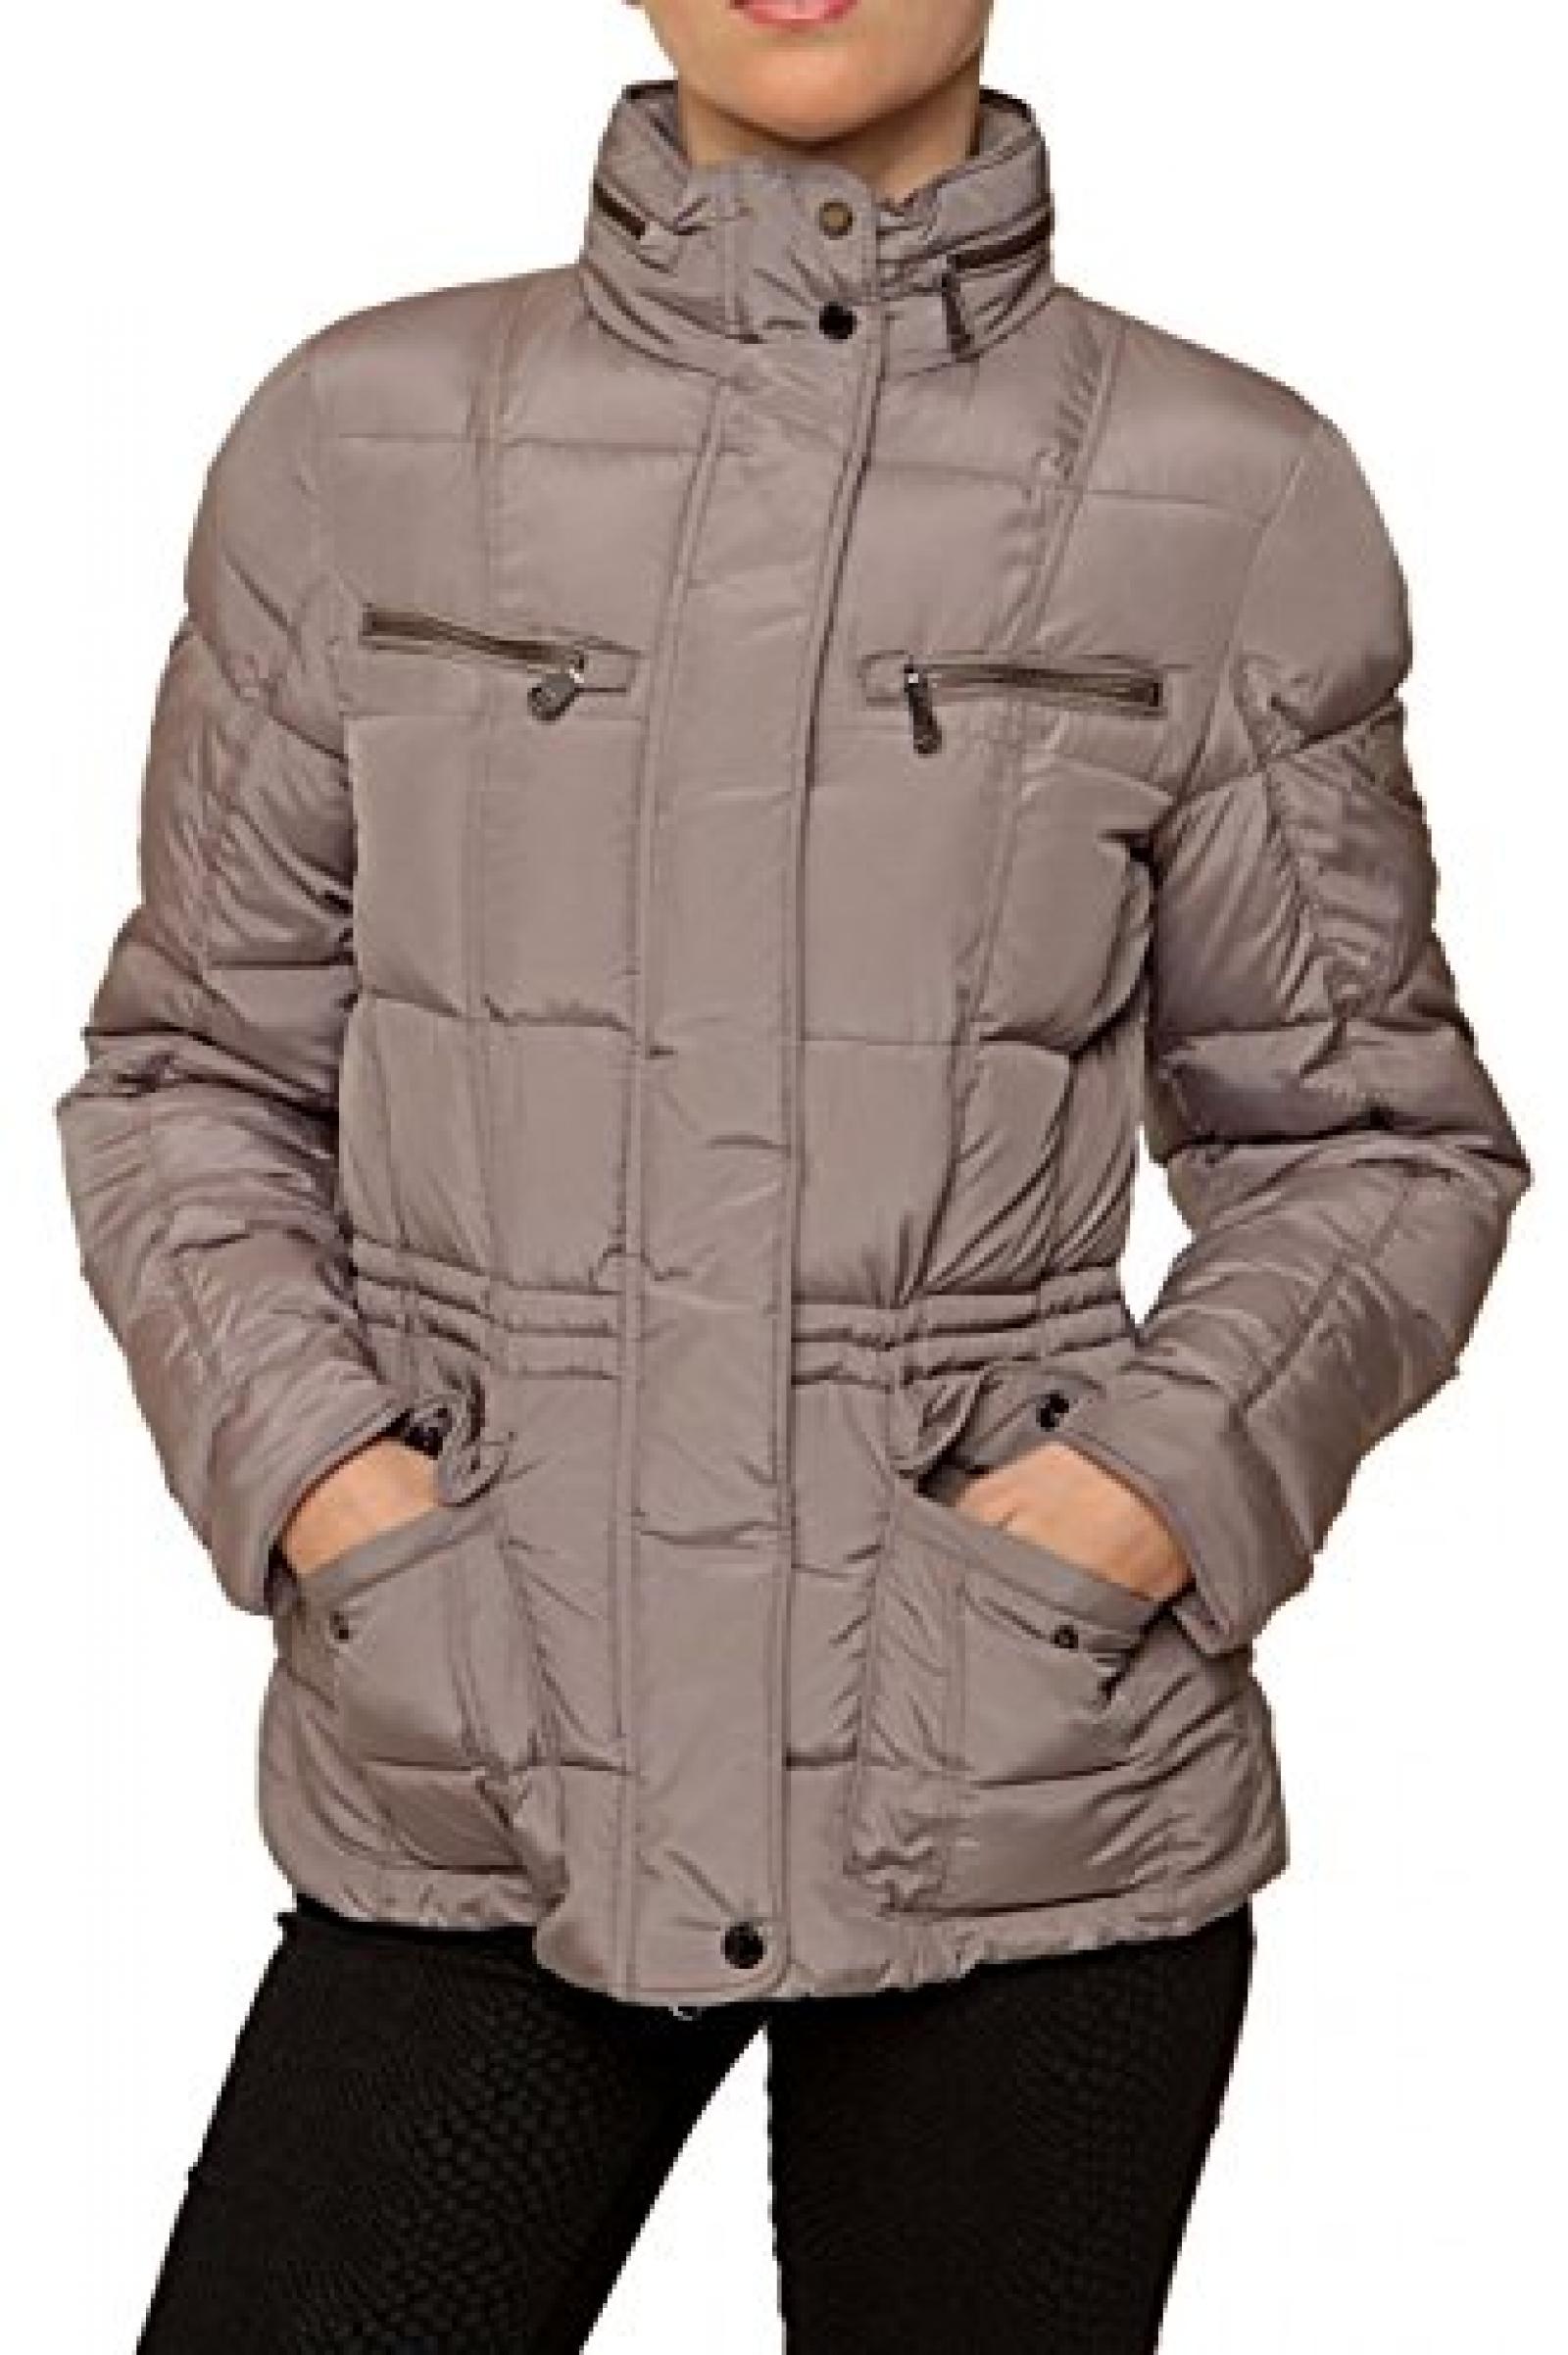 Geox Damen Jacke Winterjacke , Farbe: Grau